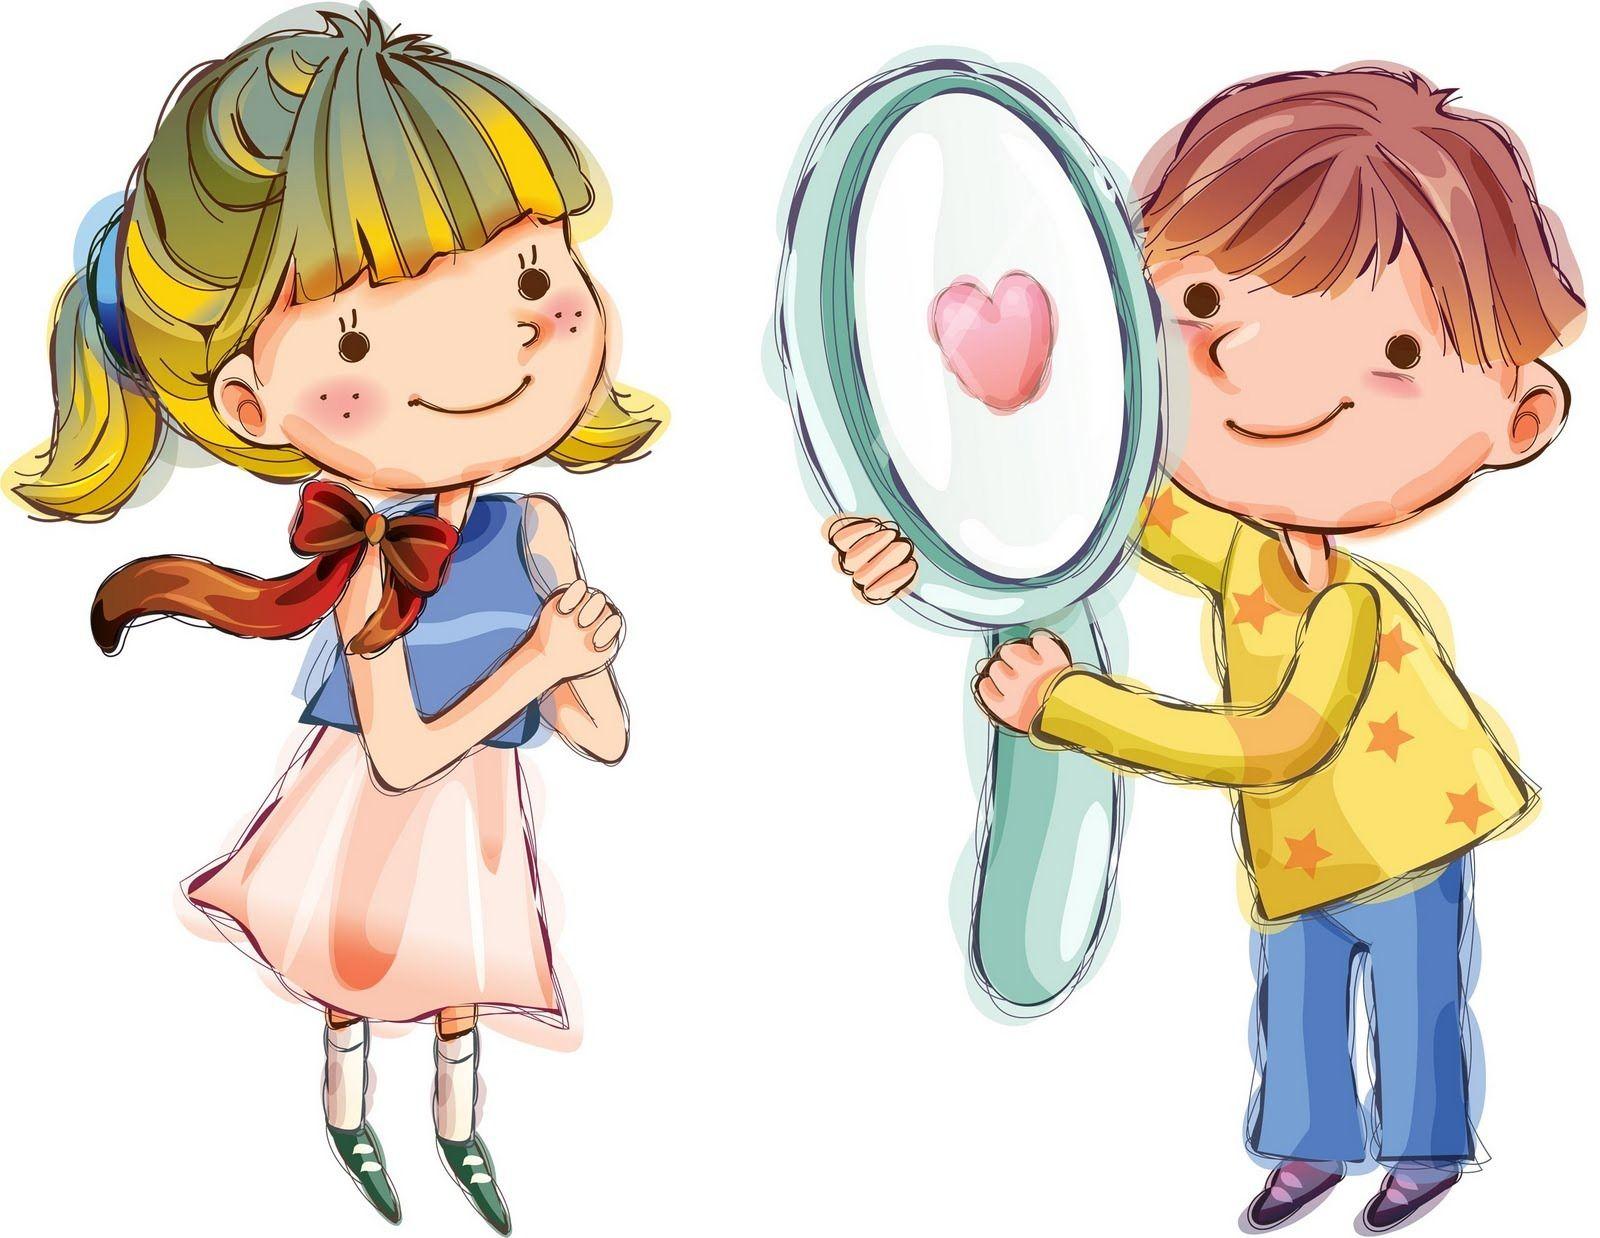 Мальчик и девочка картинки для детей нарисованные